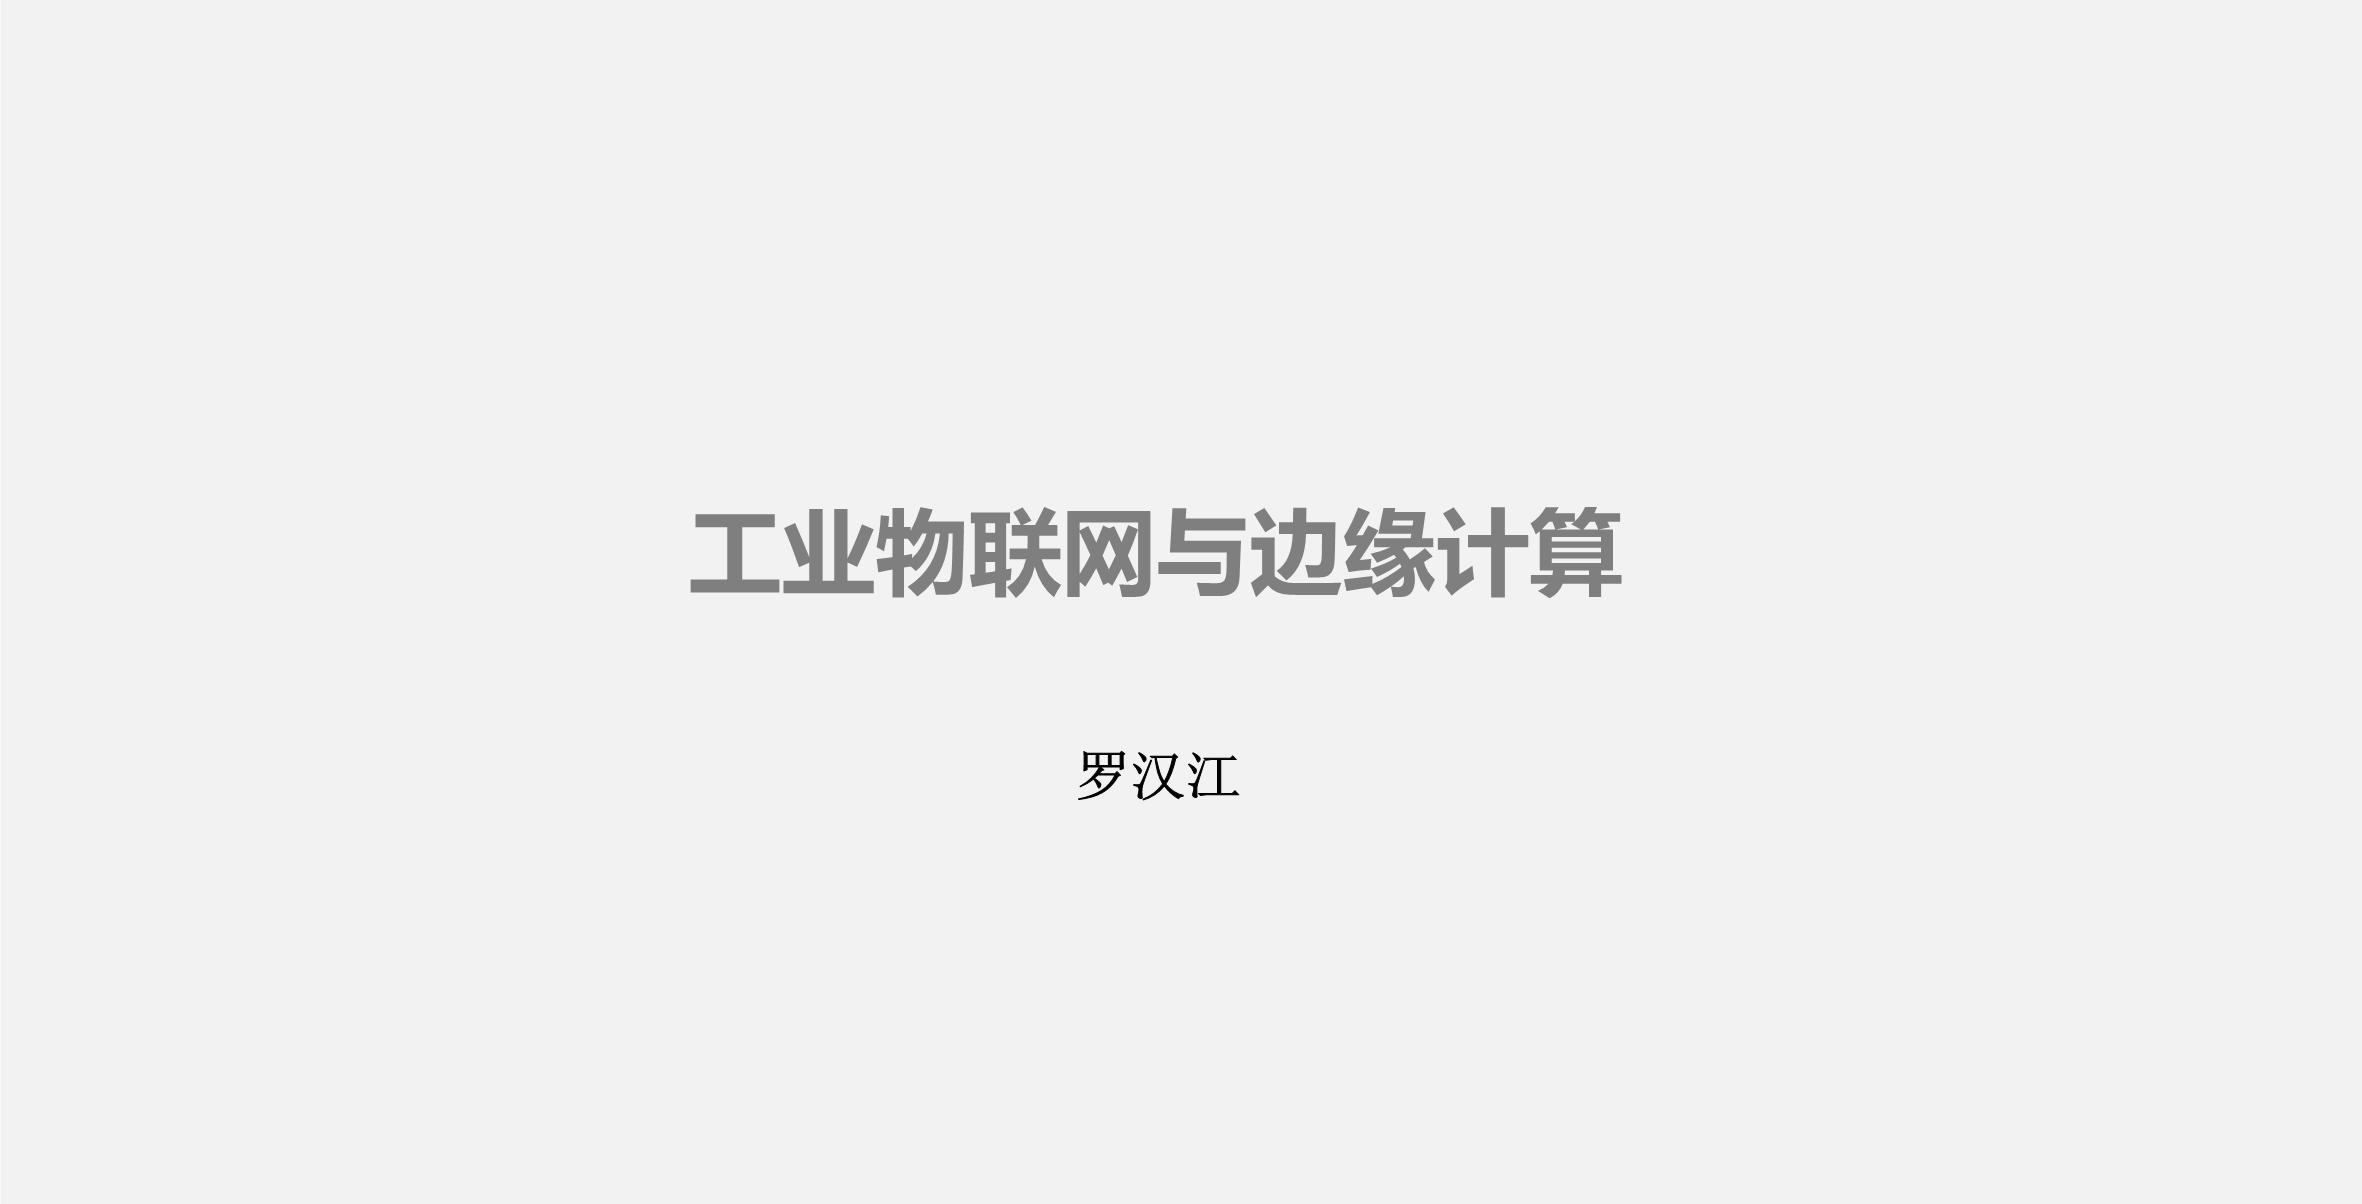 罗汉江-工业互联网与边缘计算